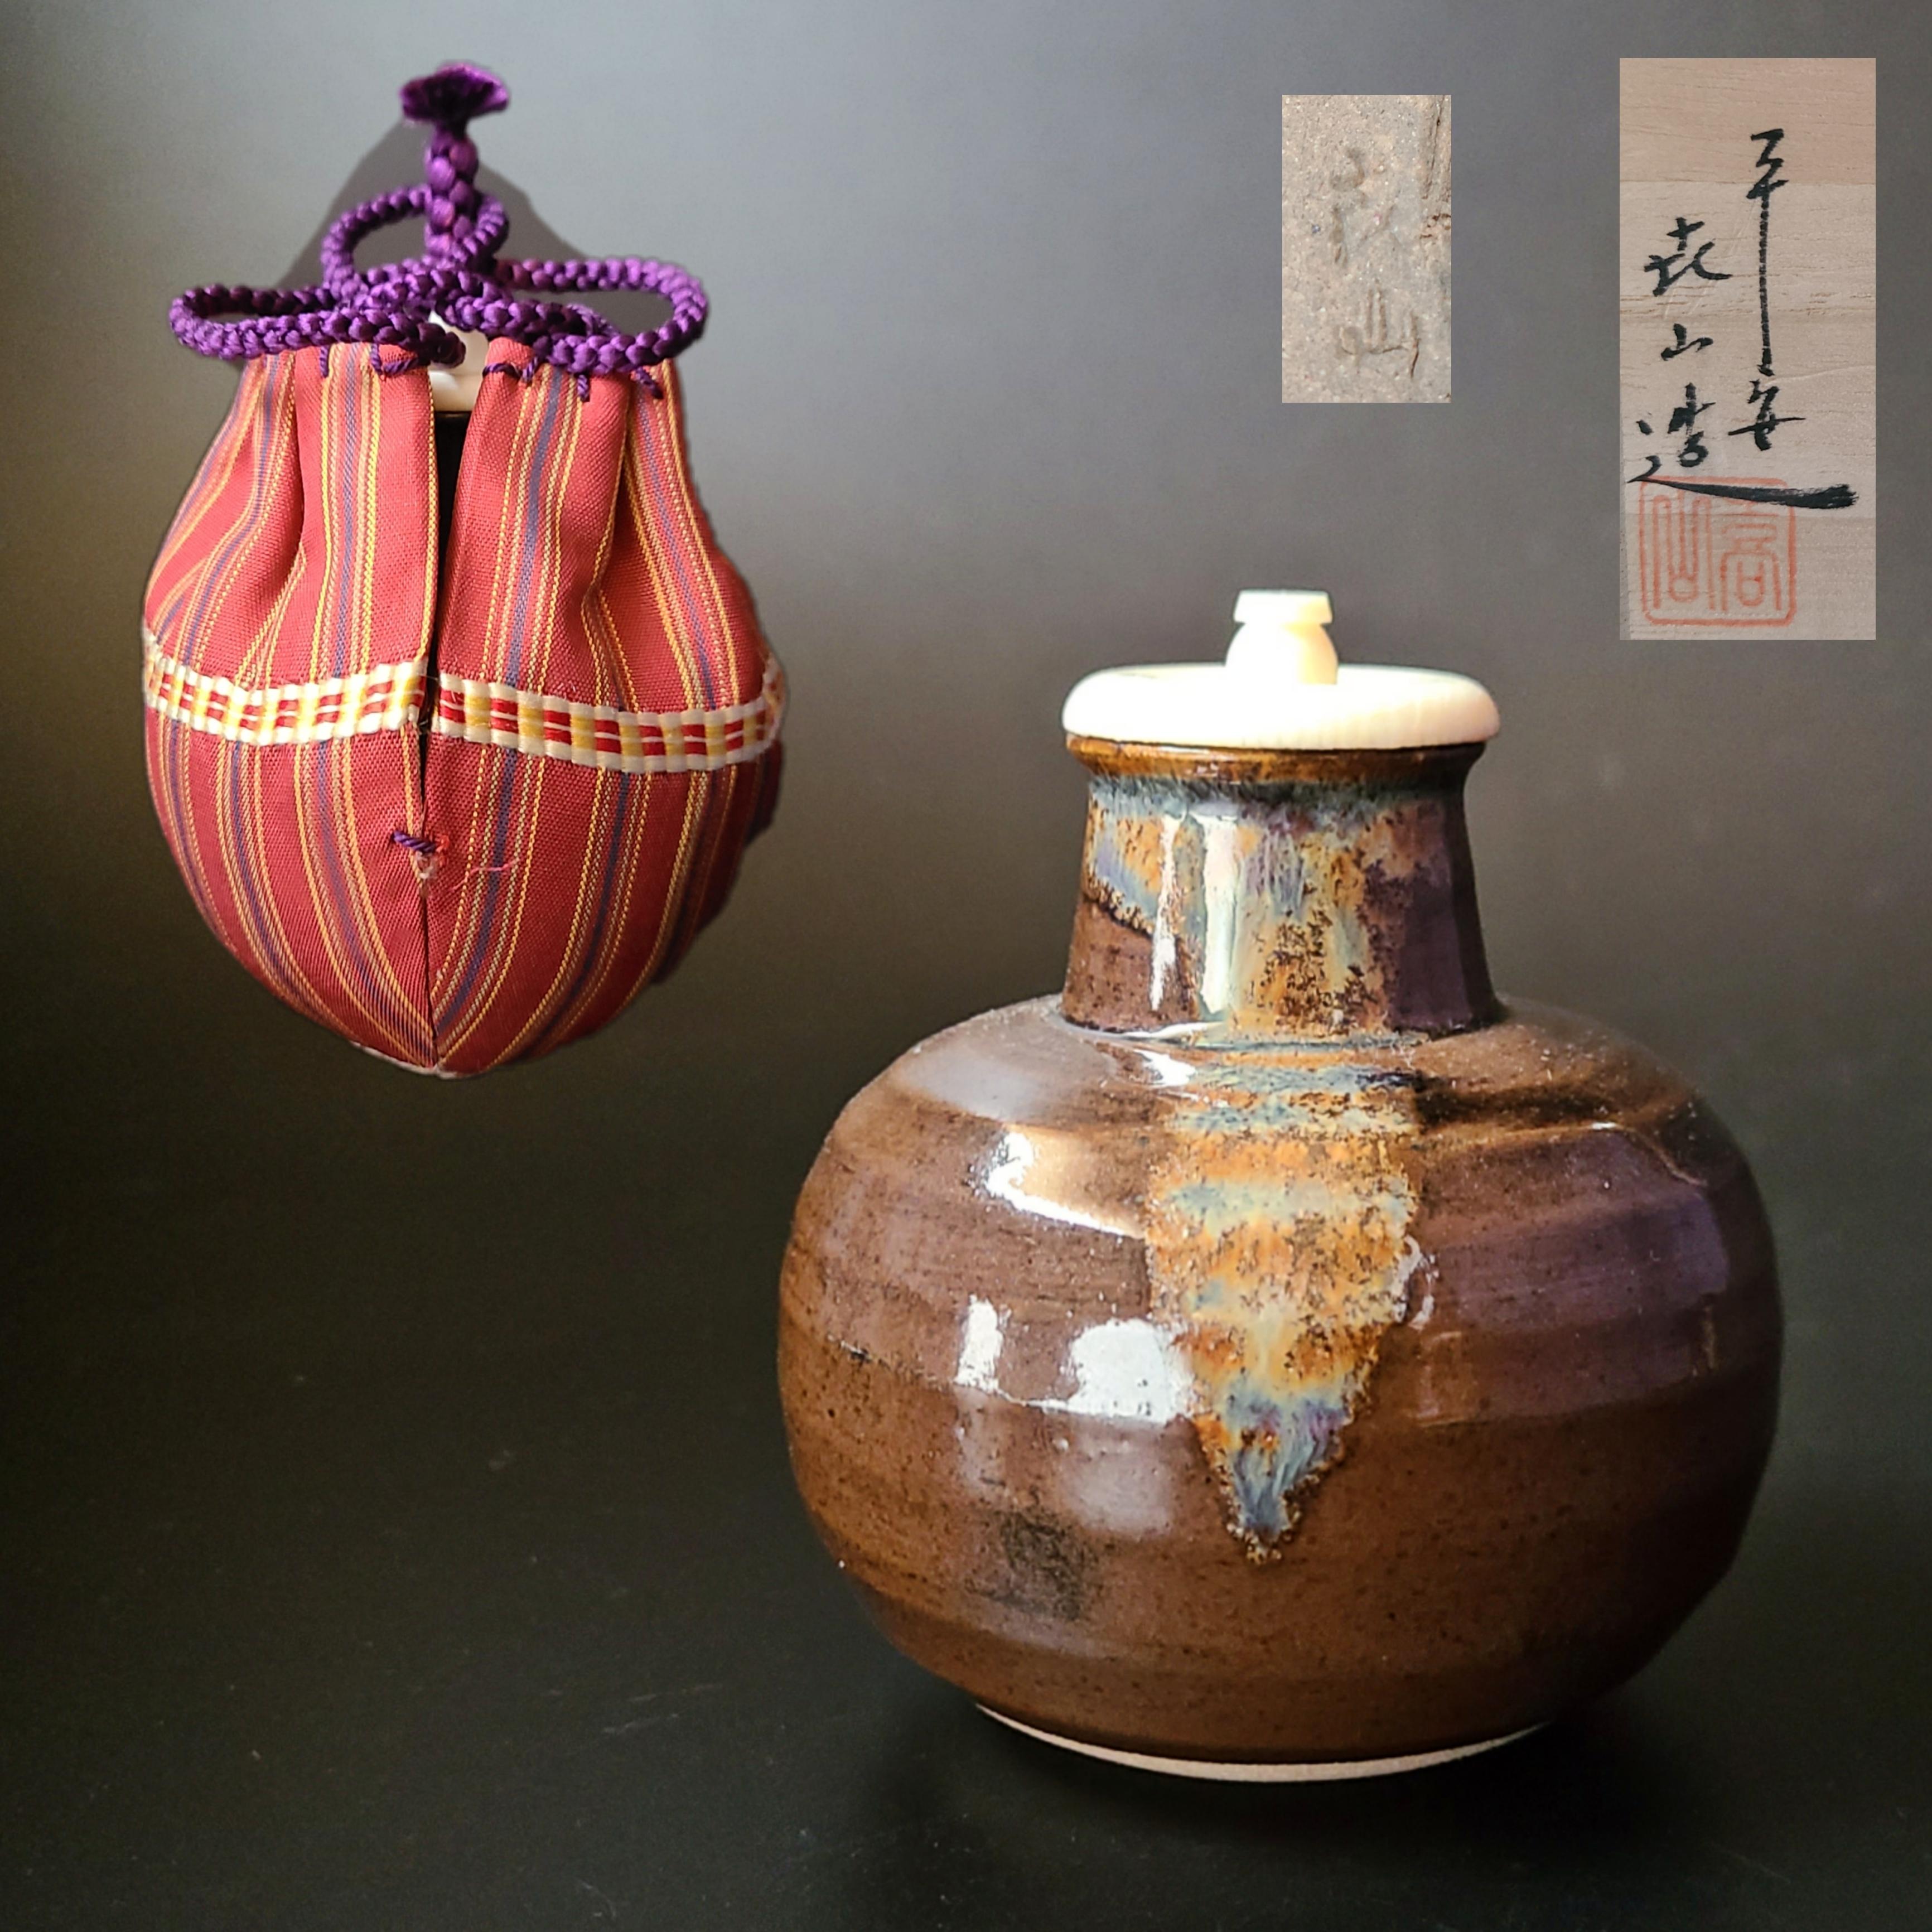 茶道具 丸壷 茶入 喜山 共箱 京焼 濃茶器 濃茶点前 陶芸 茶器 唐物